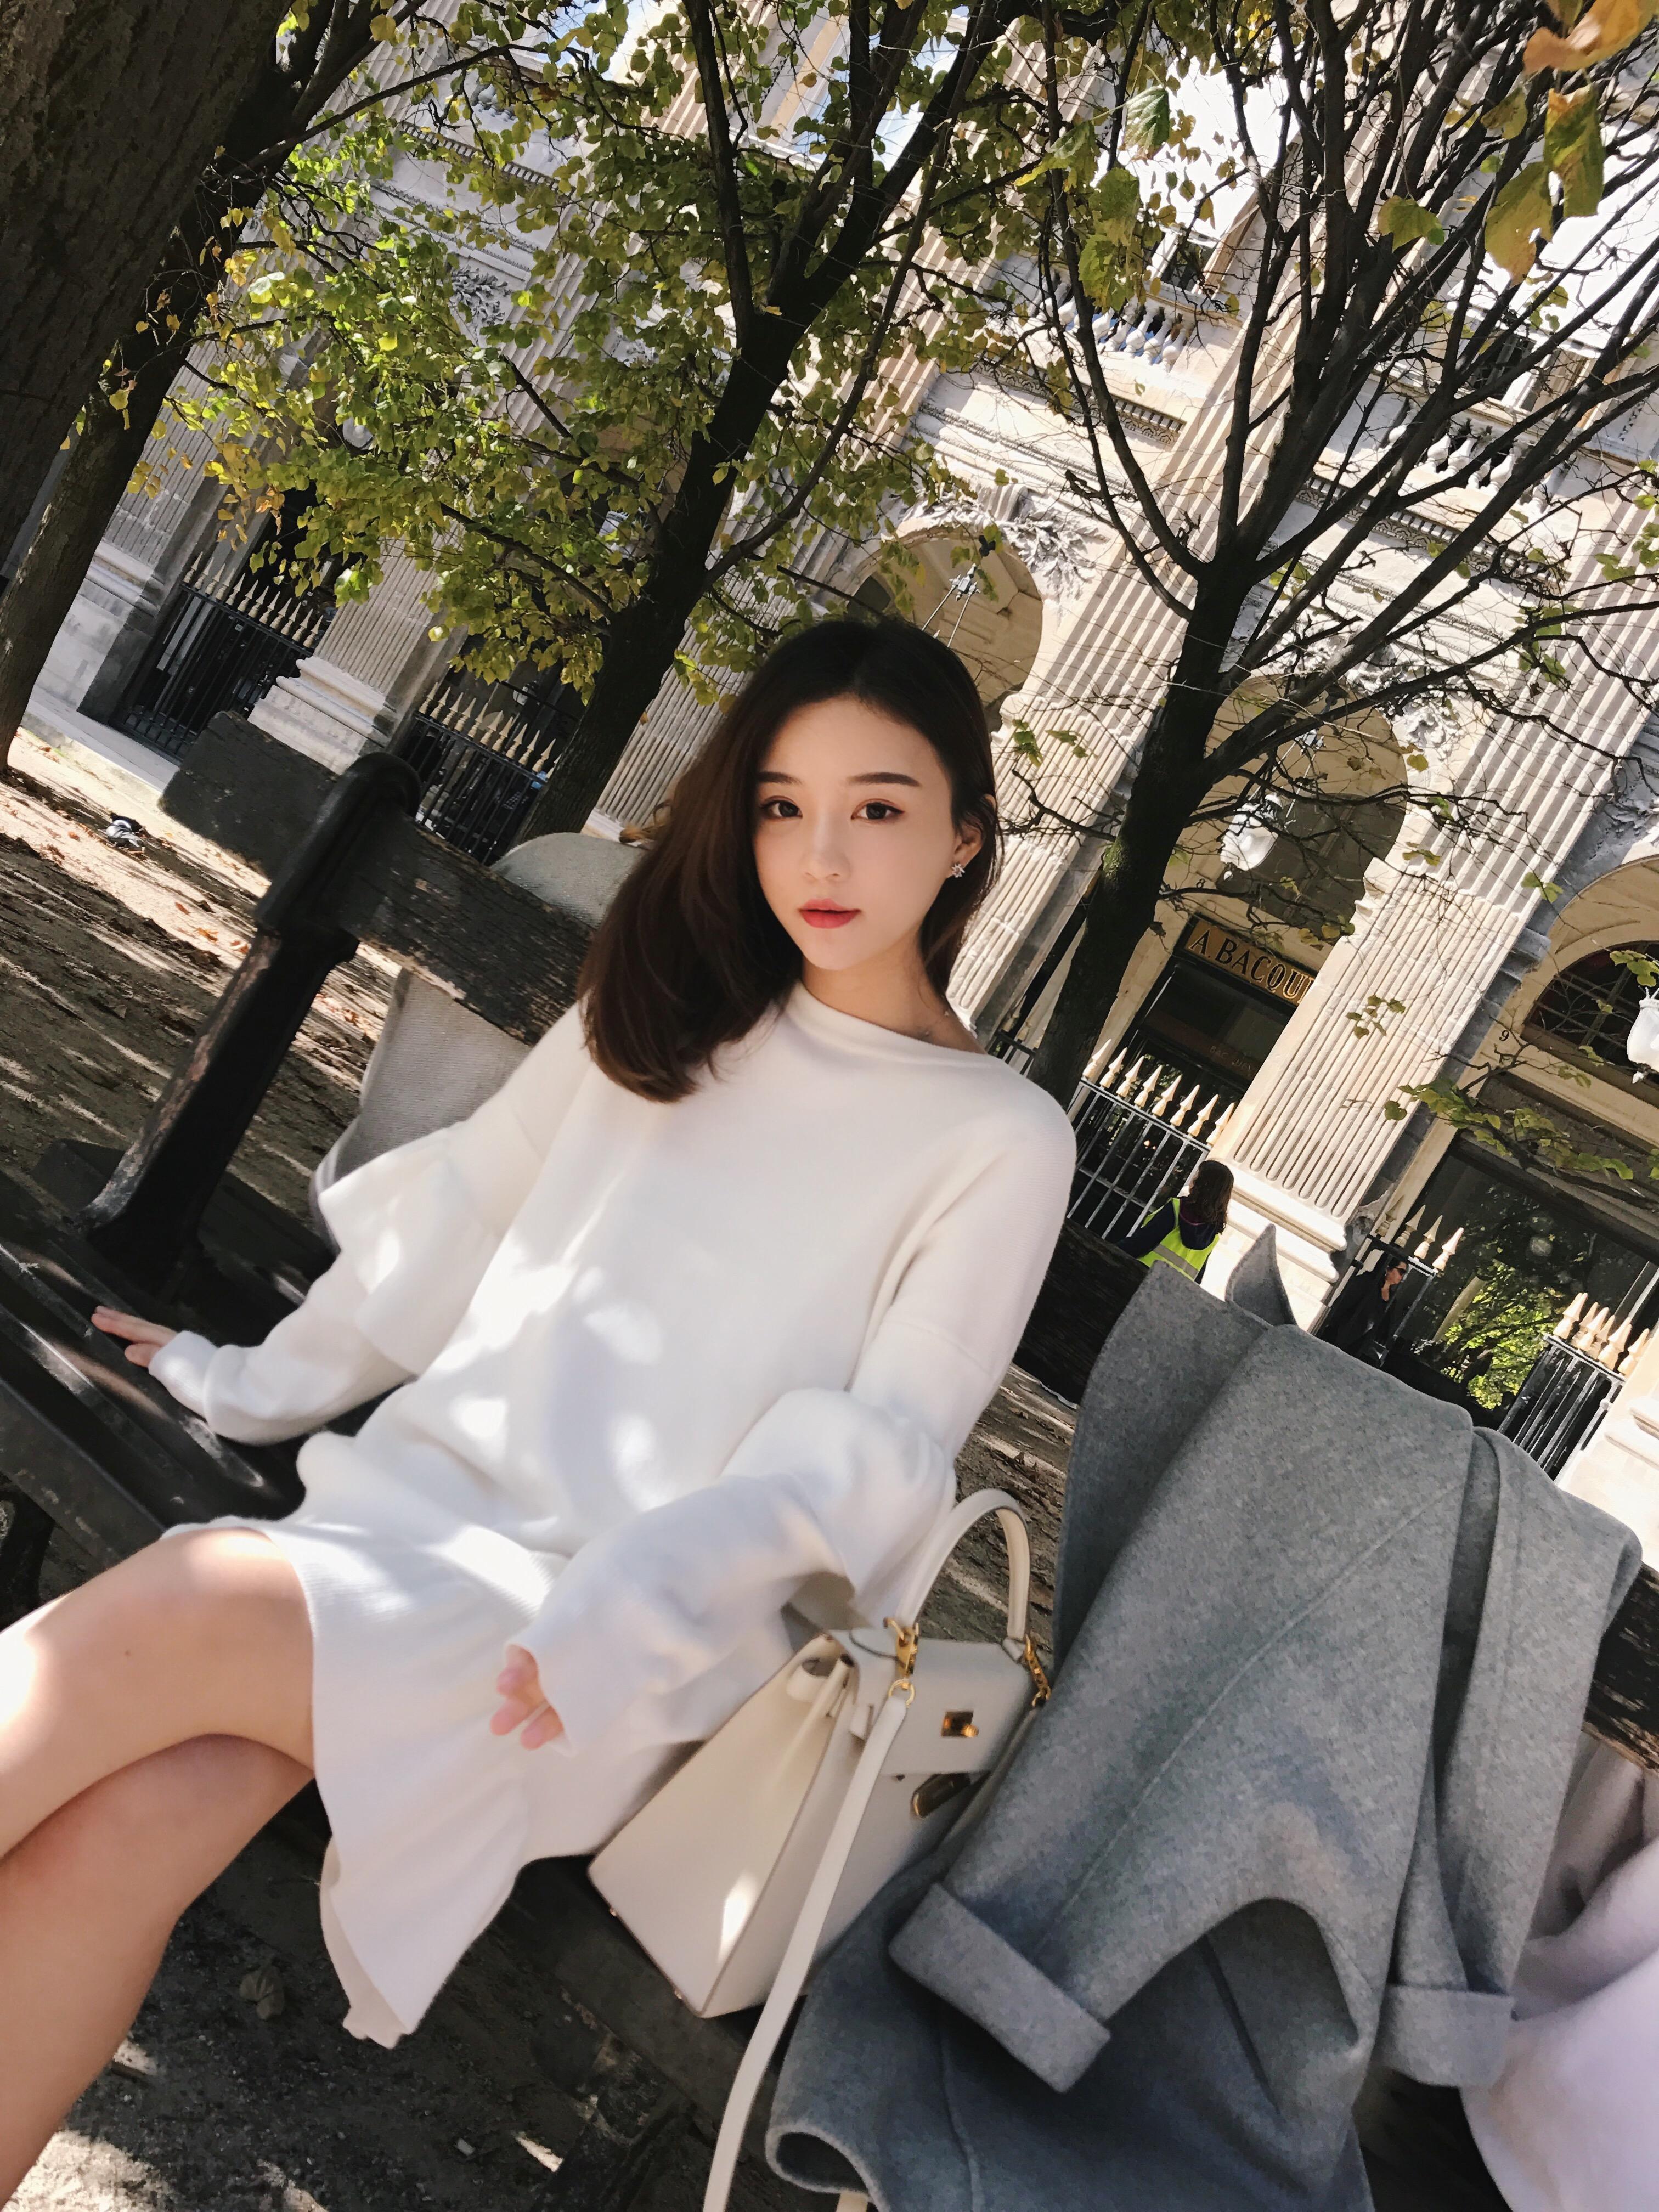 钱夫人CHINSTUDIO 冬季新款木耳边针织连衣裙女学生宽松毛衣裙潮